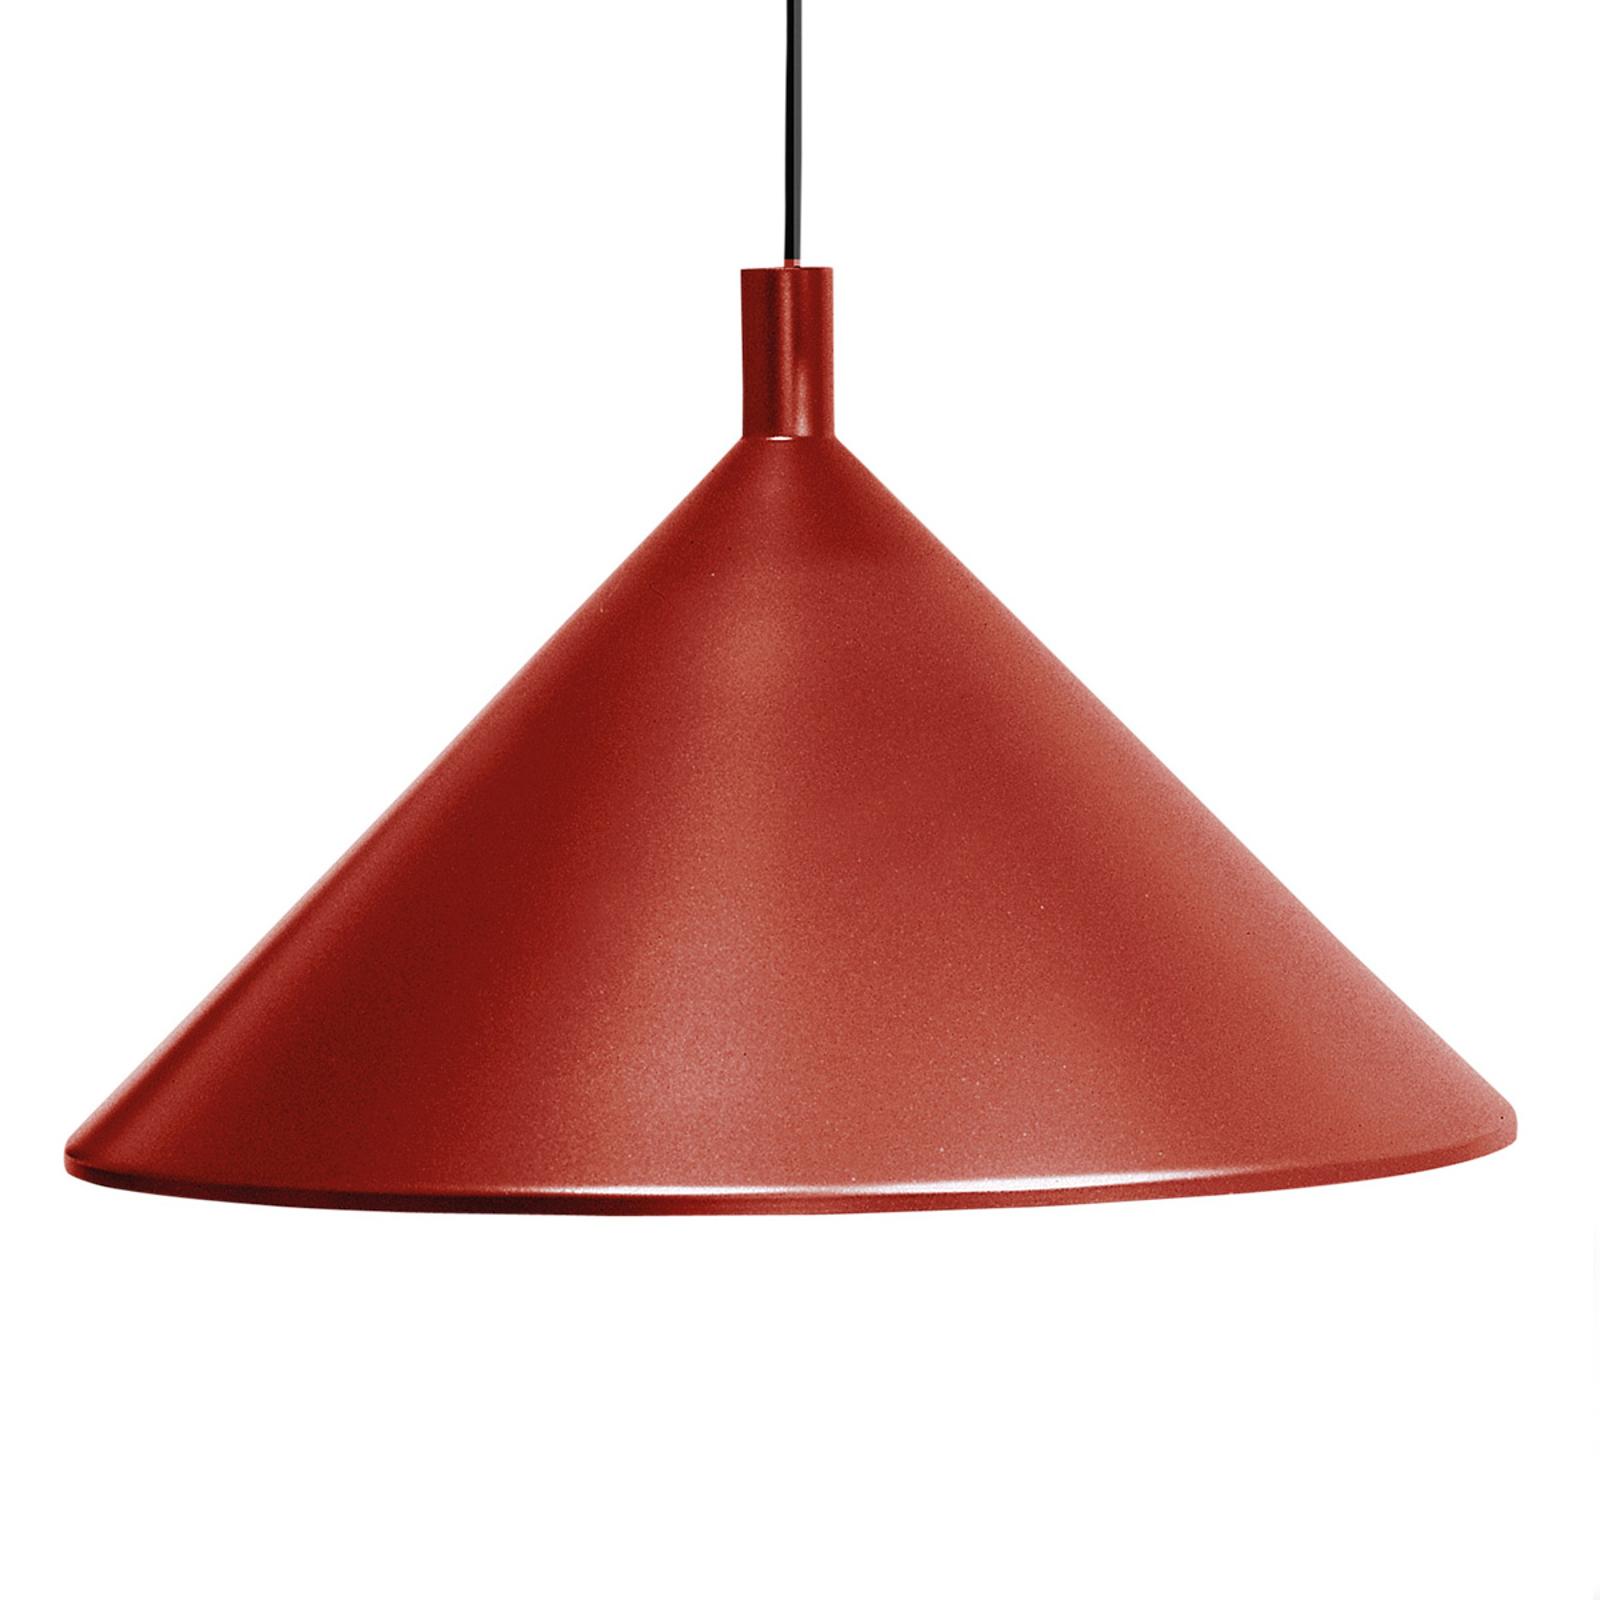 Martinelli Luce Cono Hängeleuchte rot, Ø 45 cm